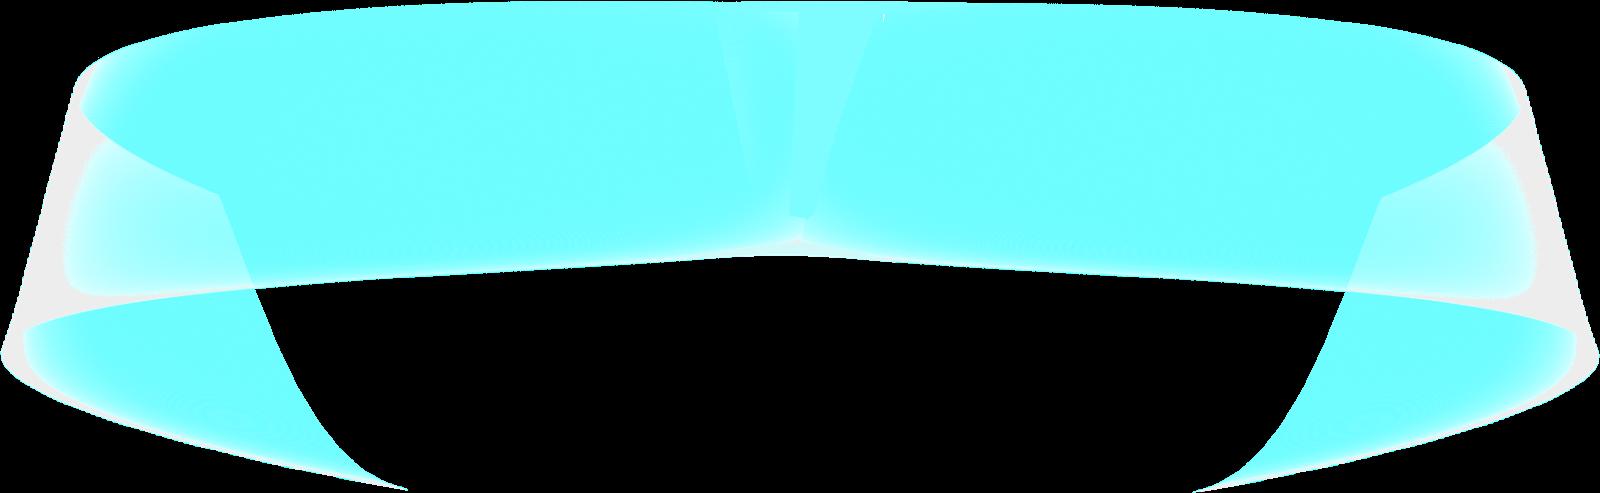 efectos etereos y sutiles  banner con effet banner clip art generator banner clip art designs